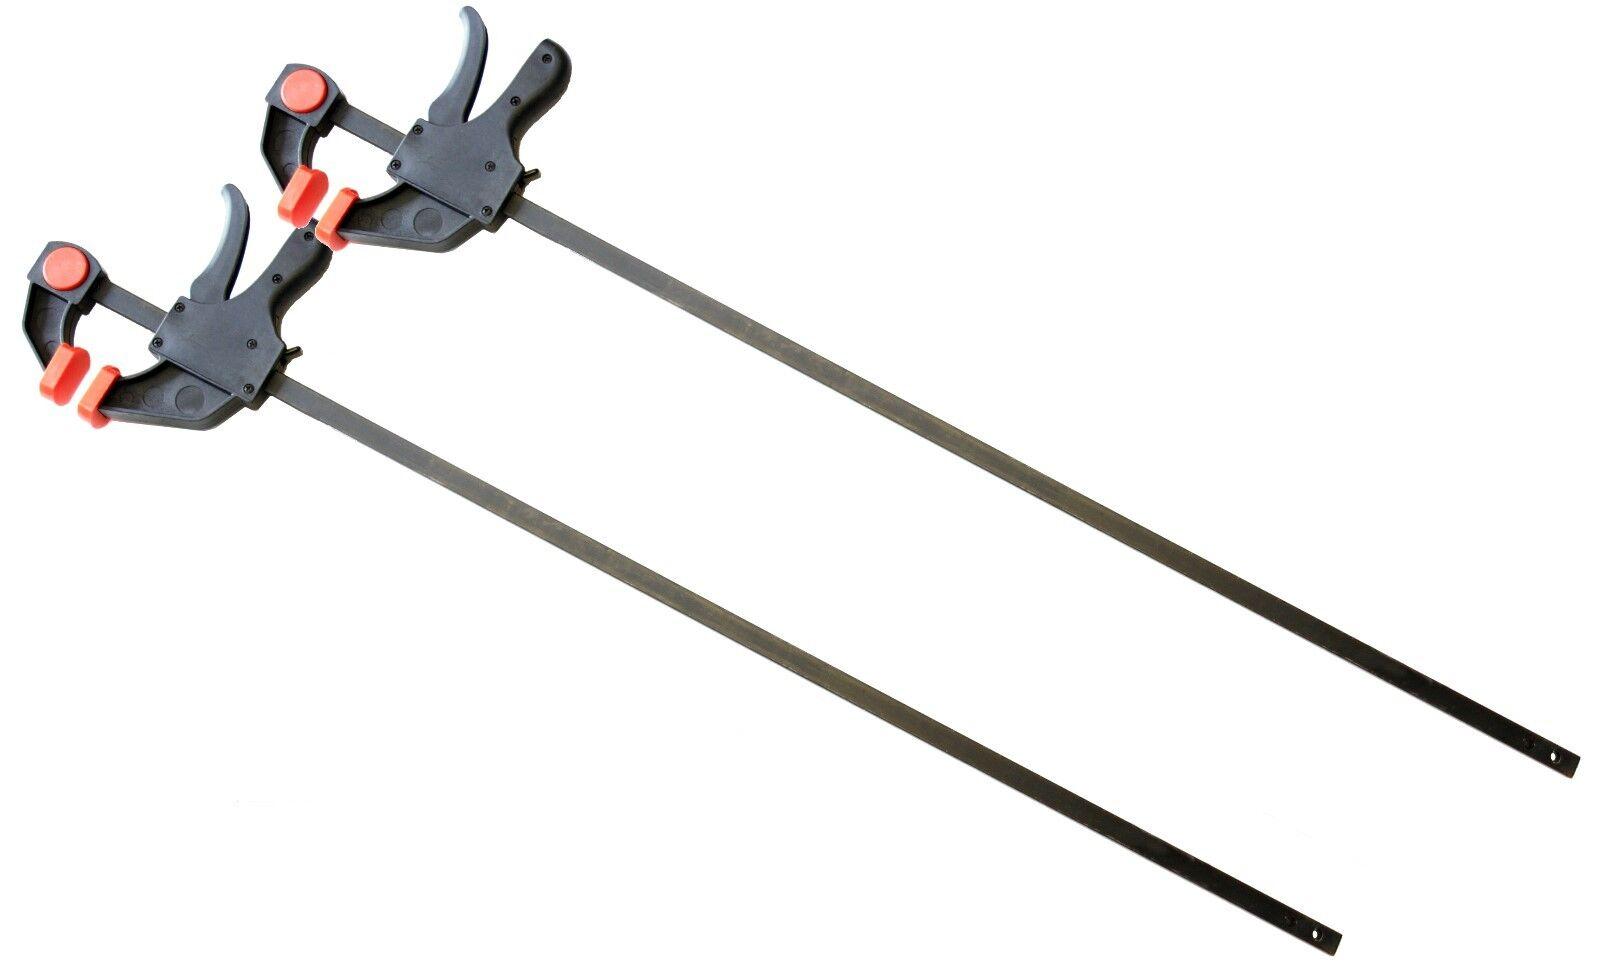 Abrazaderas de muelle con 4 pinzas de mancuernas de 30 mm Pinza para collar con resorte para entrenamiento de yoga de musculaci/ón CLISPEED